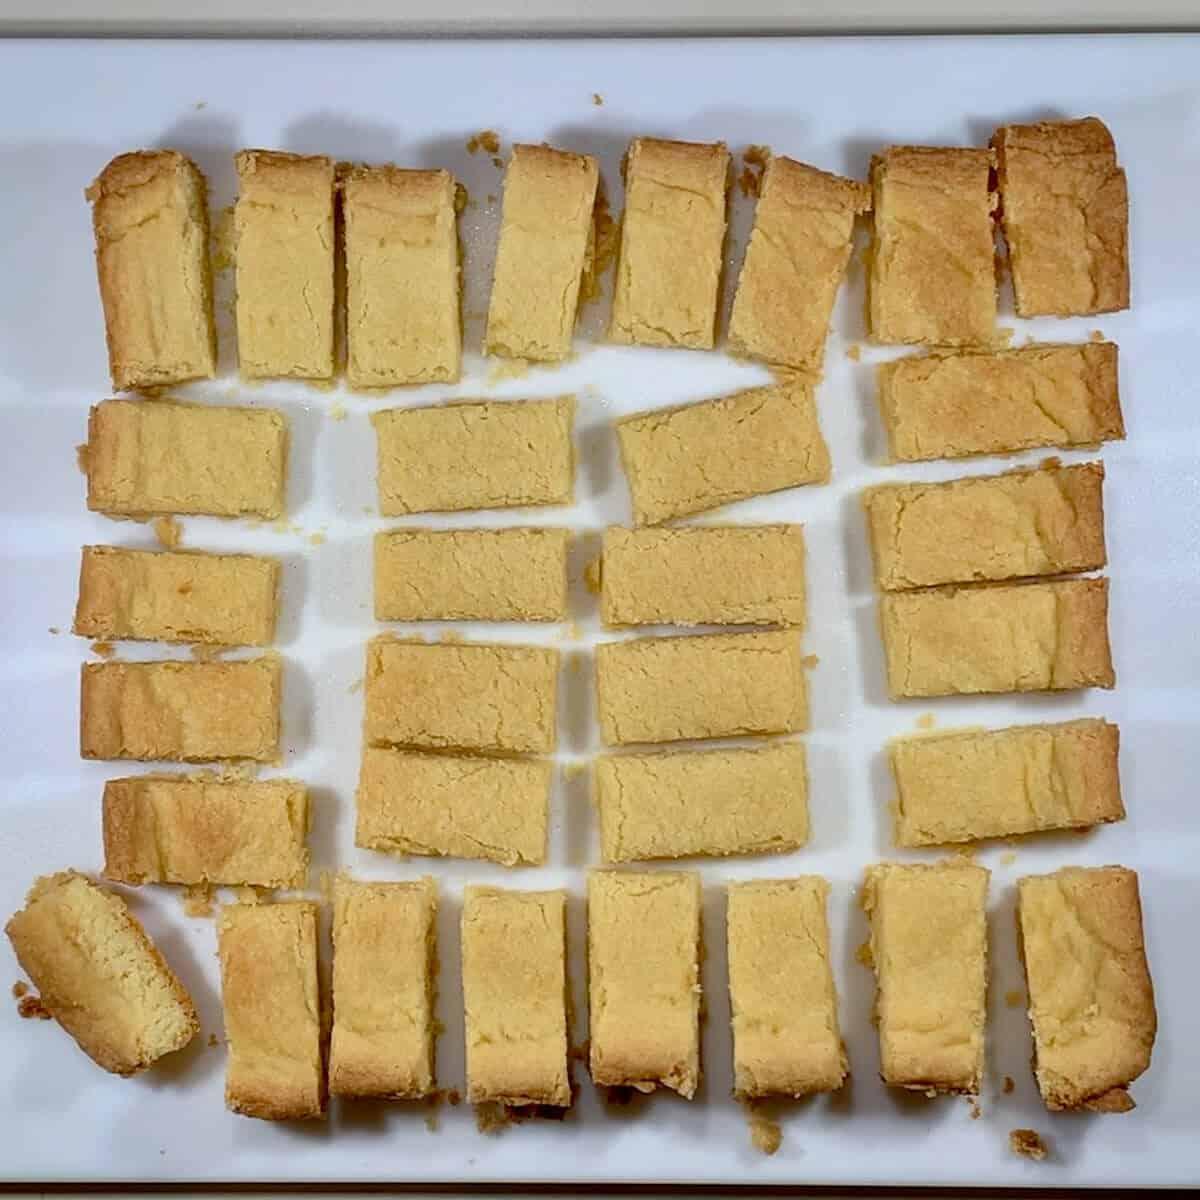 Shortbread bars on a cutting board.